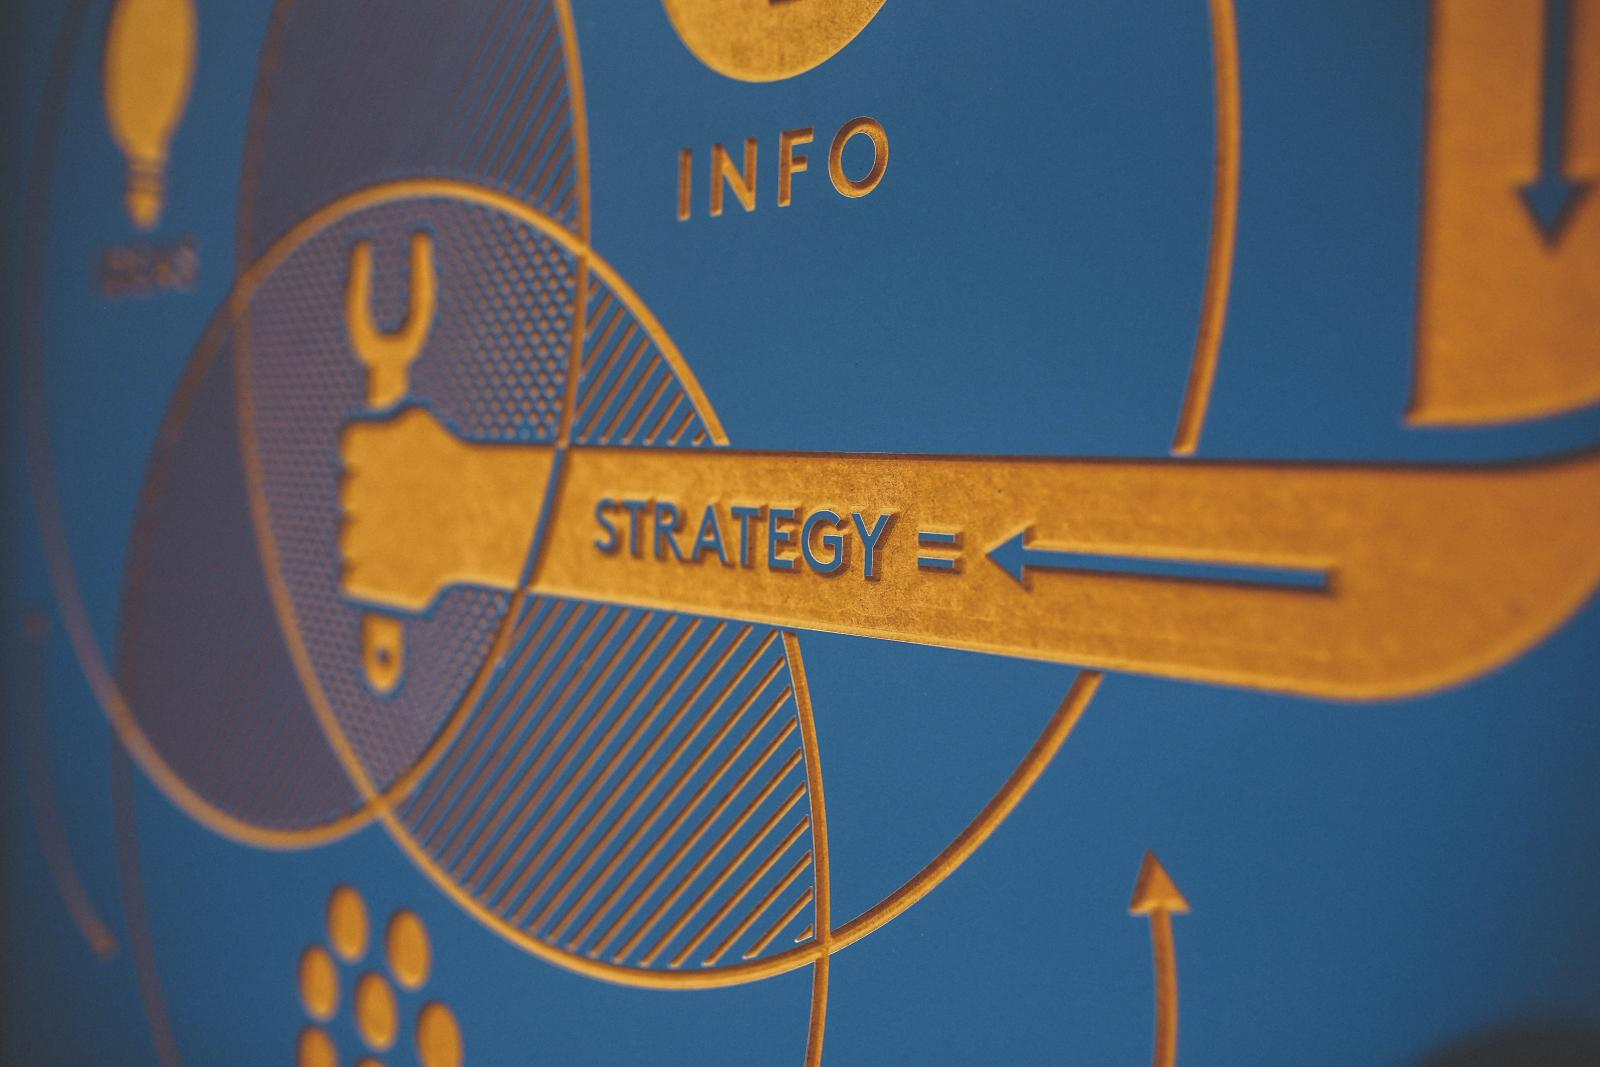 stratégie coaching d'affaires en ligne - startup PME TPE - croissance entreprise - brainstorming business intuitif capitalisme conscient - conseil CEO développement leadership - BE ONE - Elodie Buscoz Monaco Quebec Moscou France USA